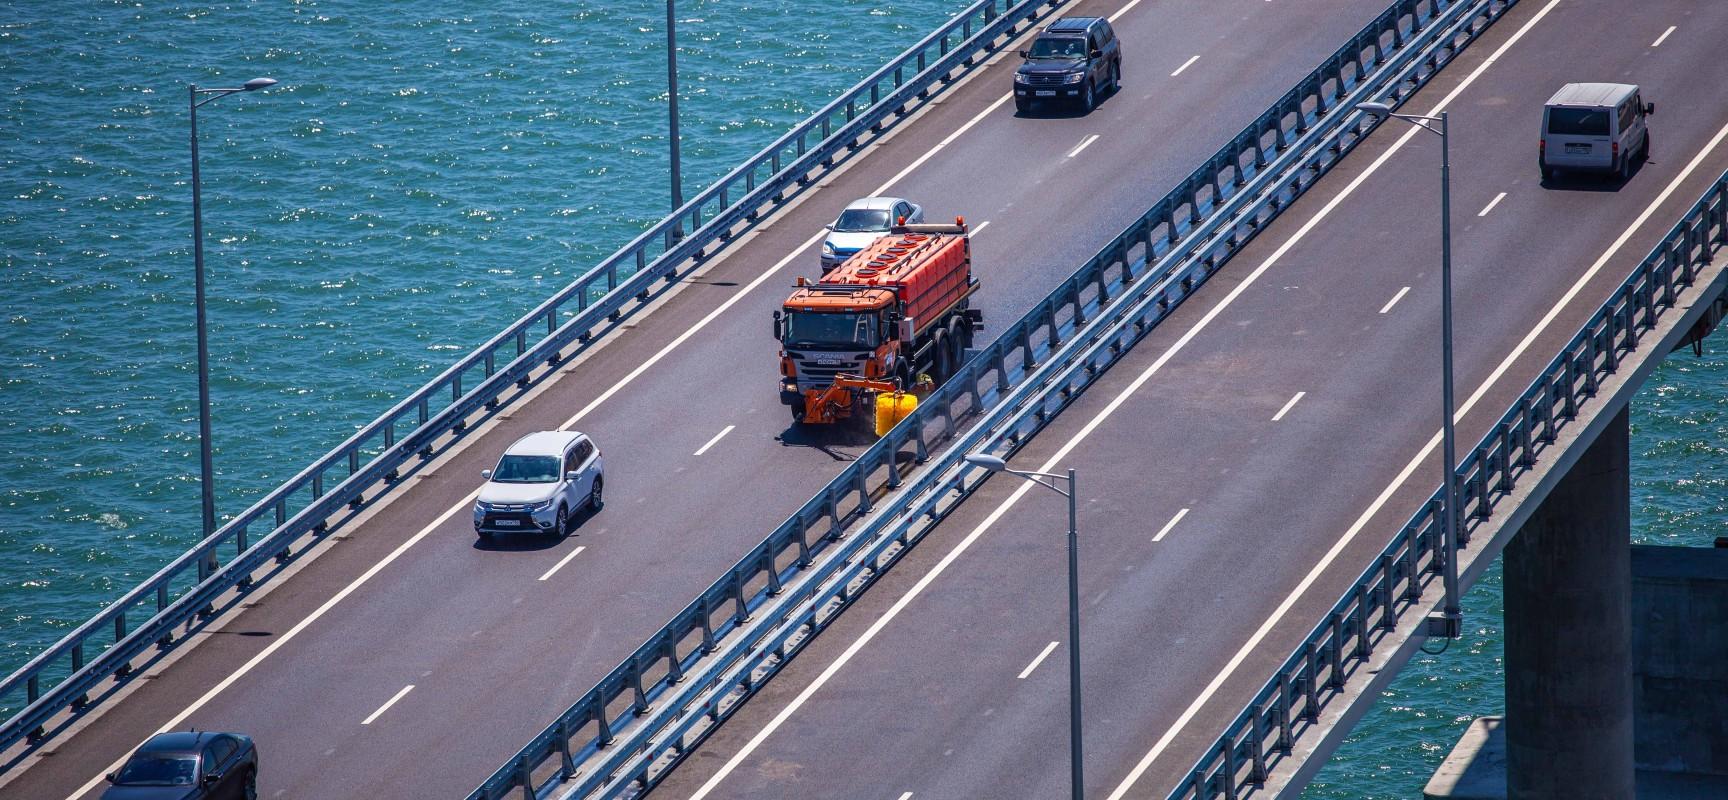 Статистика: 1,44 млн транспортных средств в обе стороны с 16 мая по 1 августа